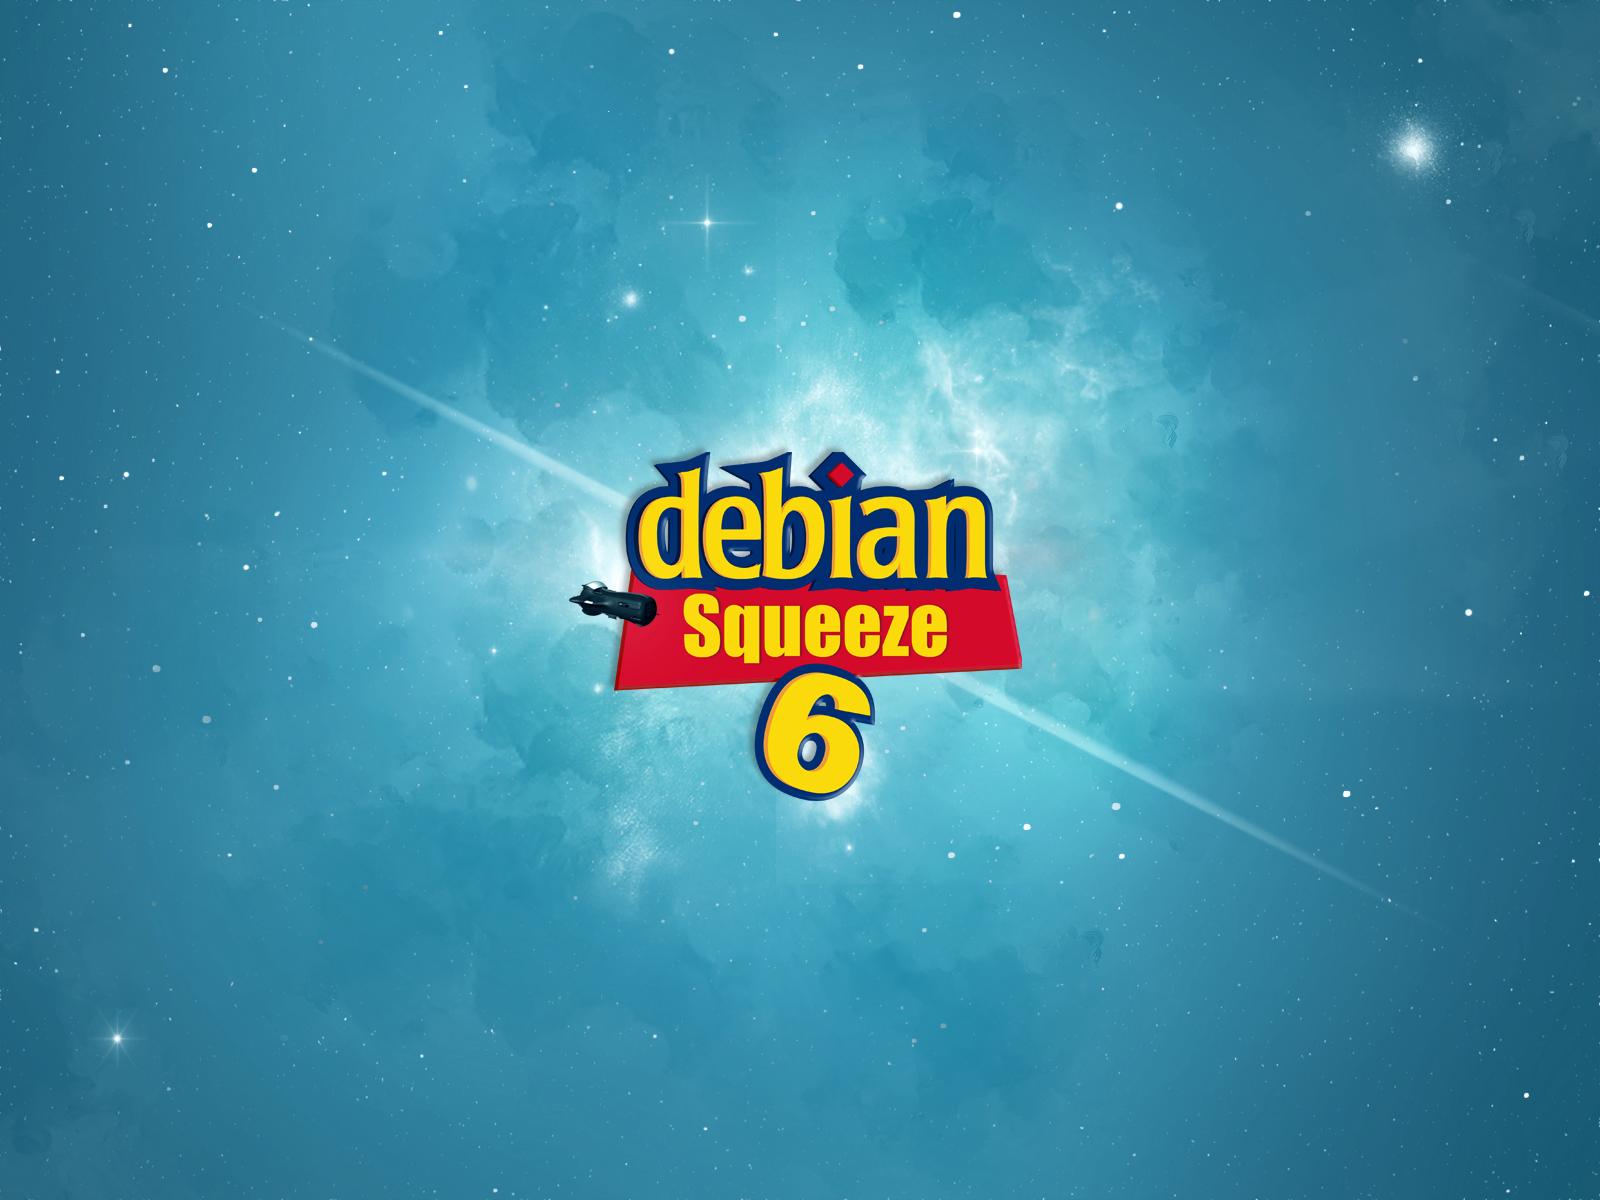 Debian [6] wallpaper - Computer wallpapers - #10088